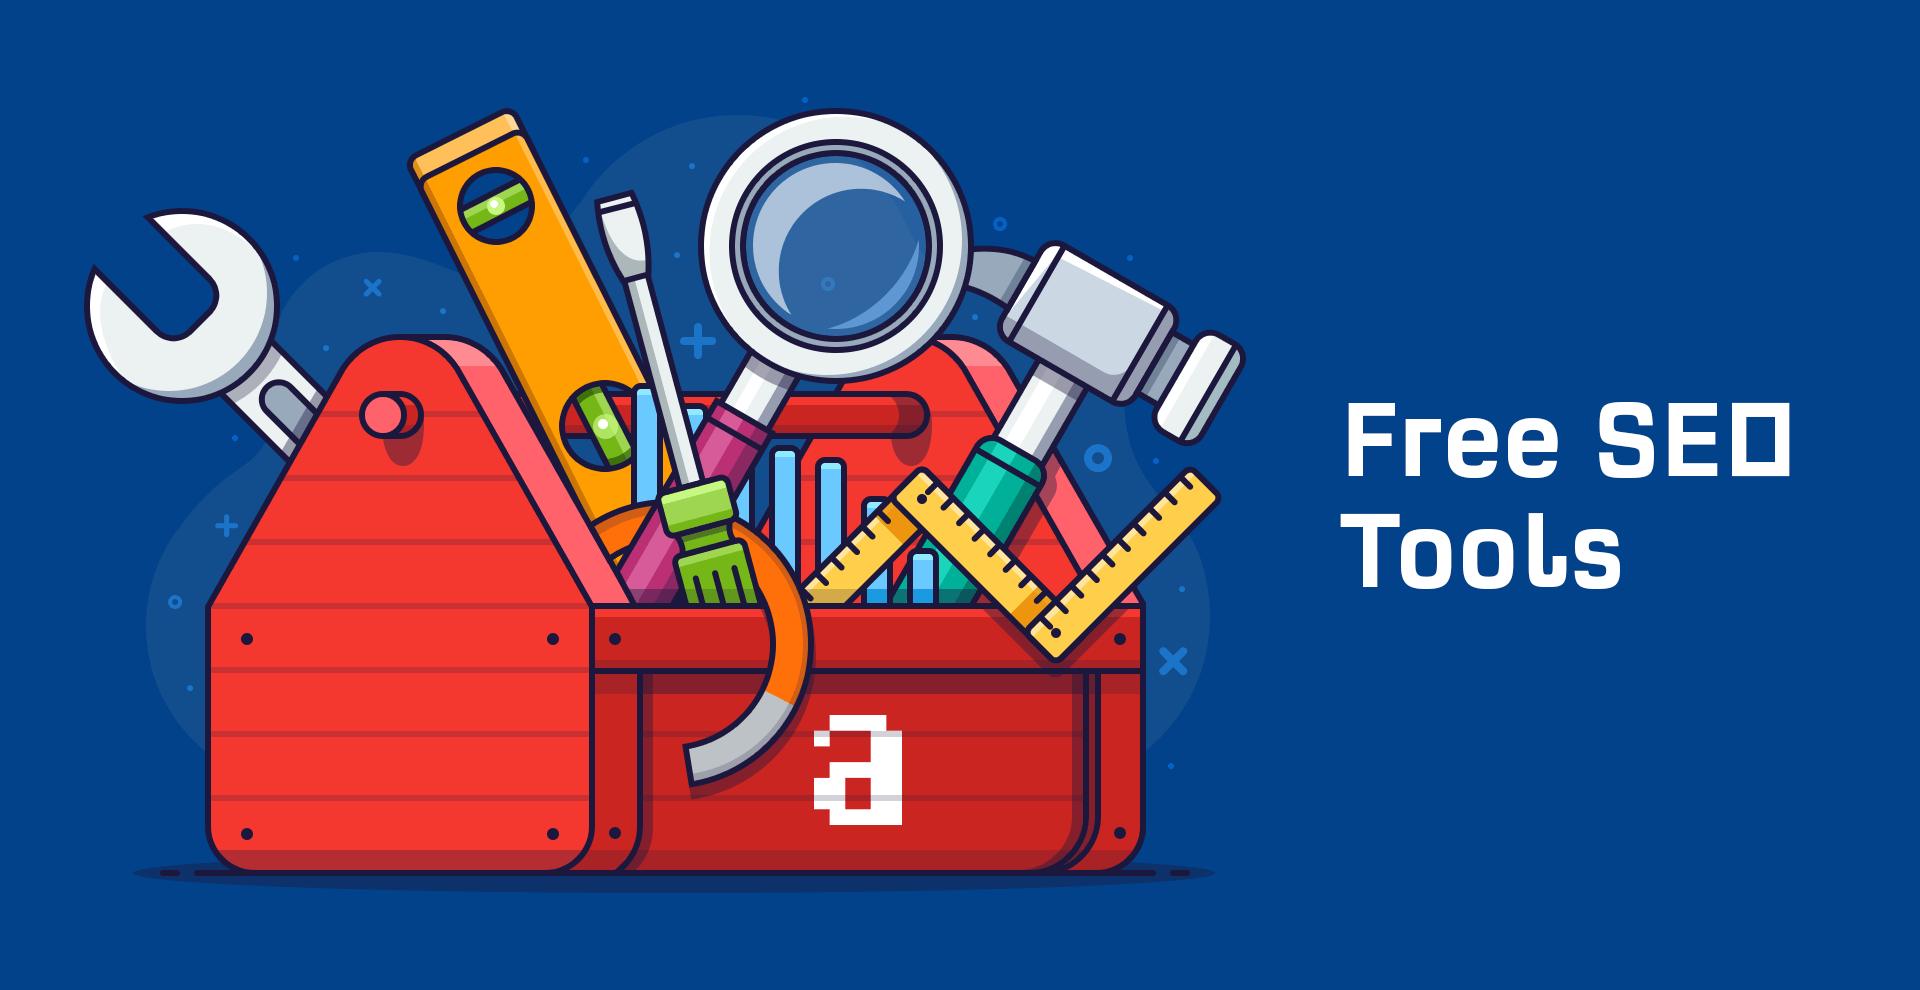 7 Công cụ SEO MIỄN PHÍ chất lượng giúp bạn SEO TOP #1 GOOGLE